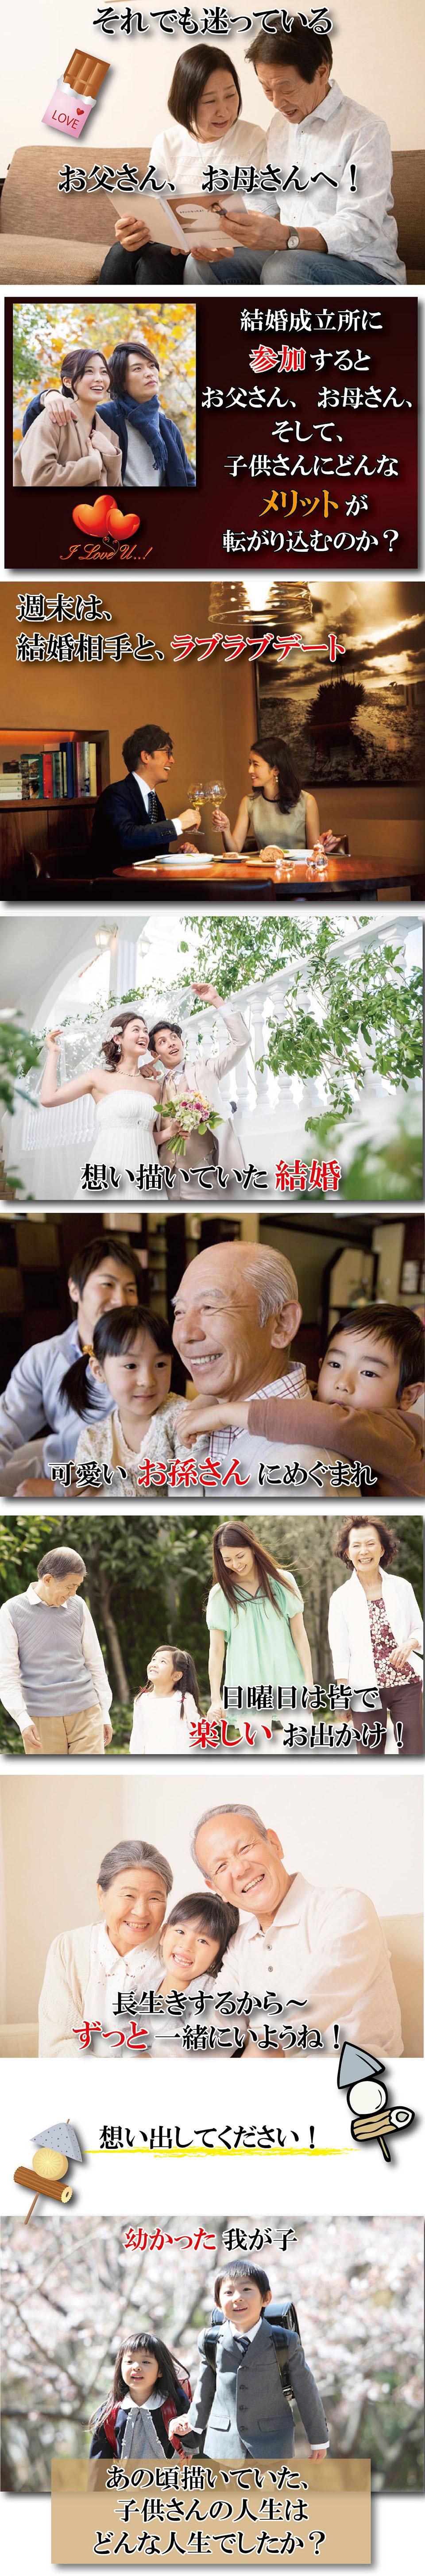 50代独身男性結婚